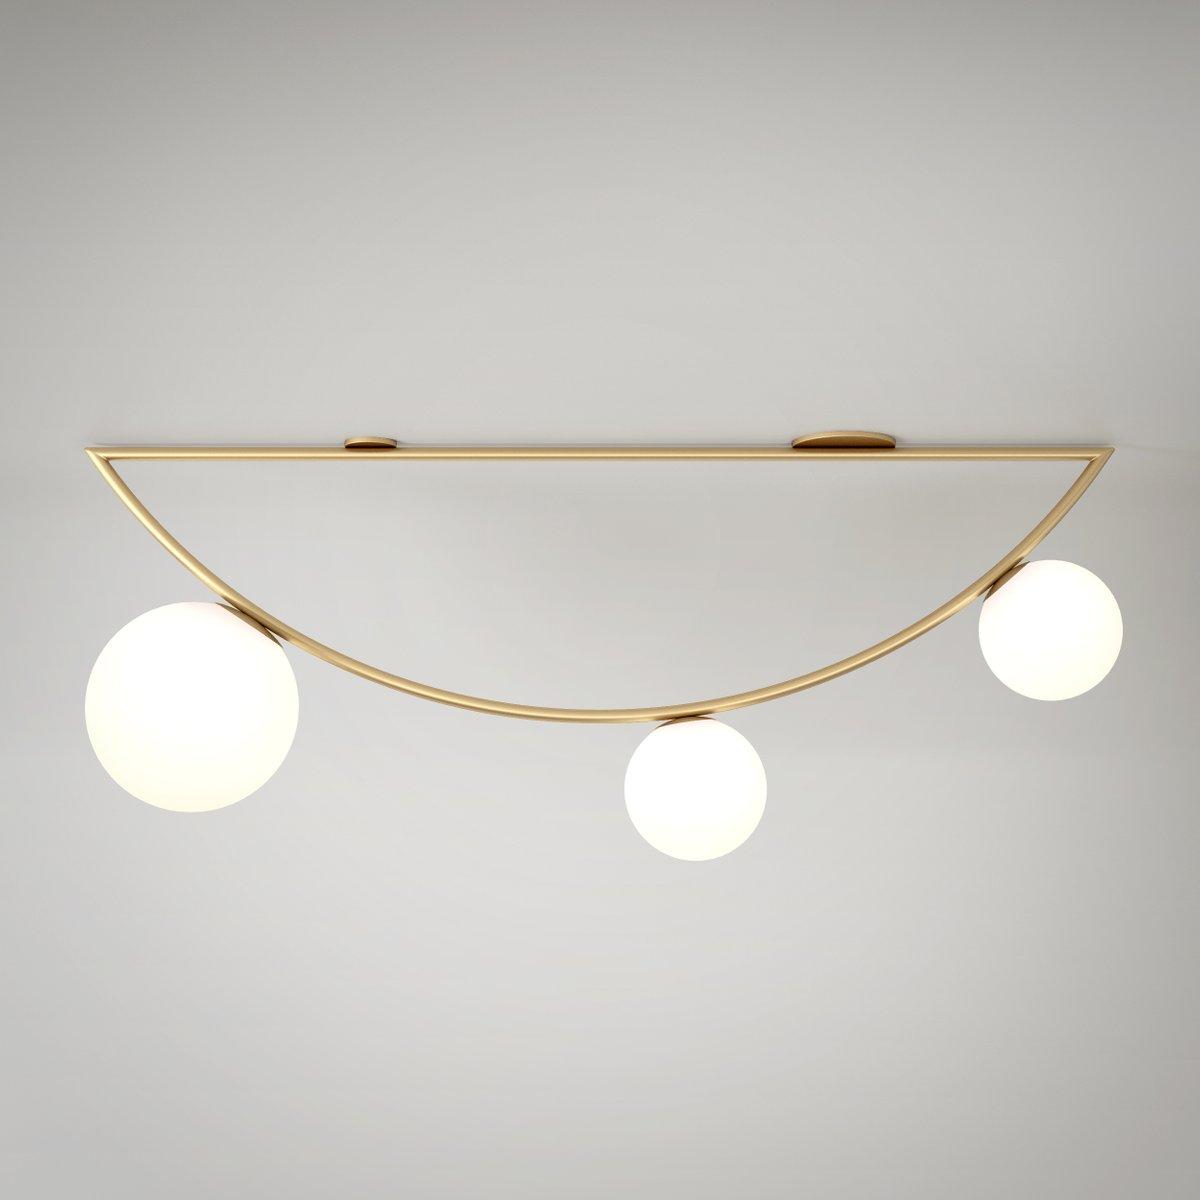 Girlande Deckenlampe von Atelier Areti